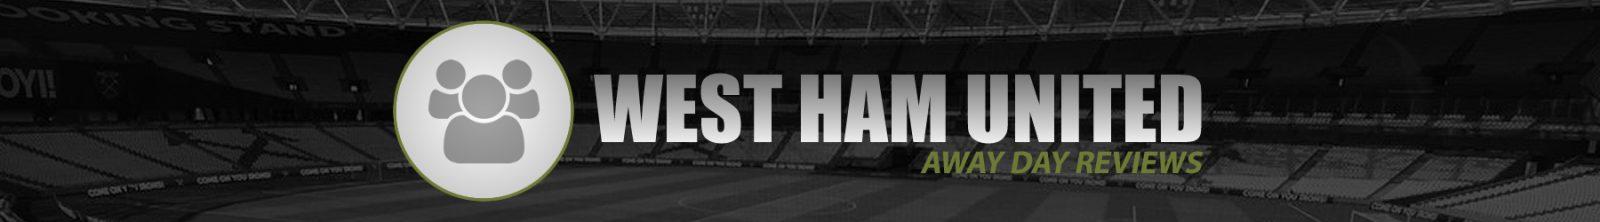 Review West Ham